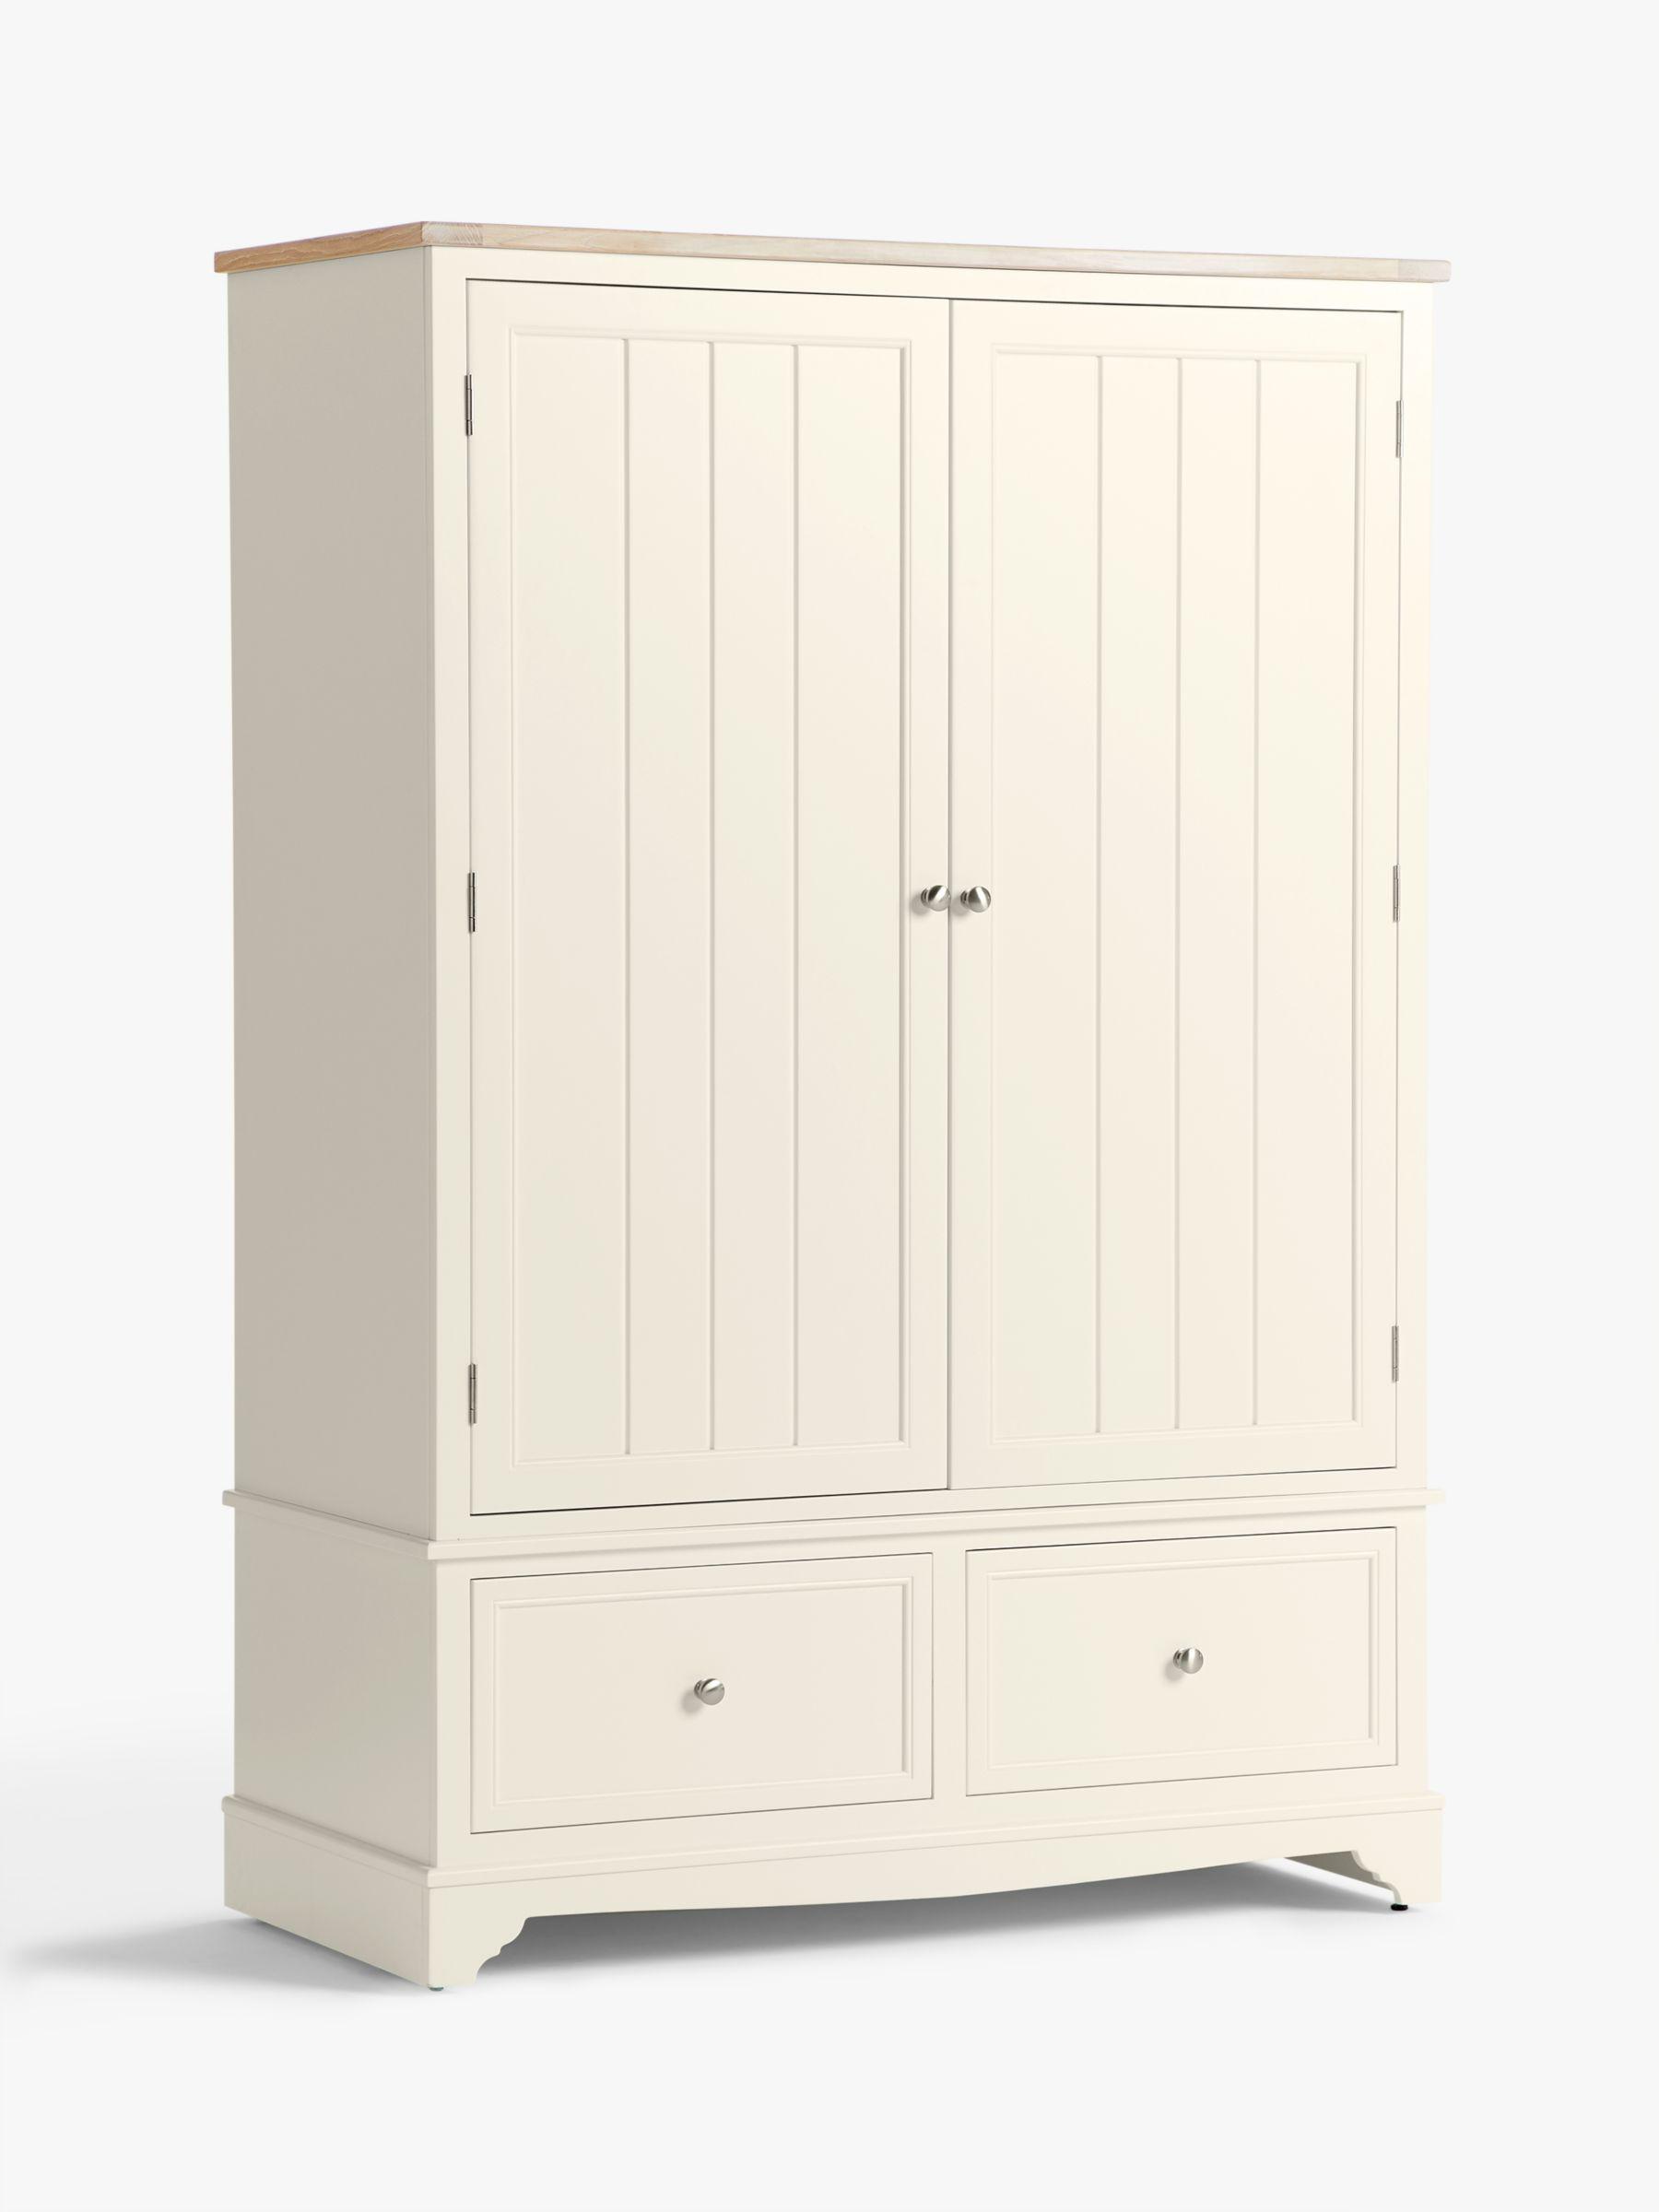 John Lewis Partners St Ives 2 Door 2 Drawer Wardrobe Fsc Certified Oak Birch Oak Veneer Mdf White Haze Products In 2019 Tall Cabinet Storage John Lewis Hanging Rail